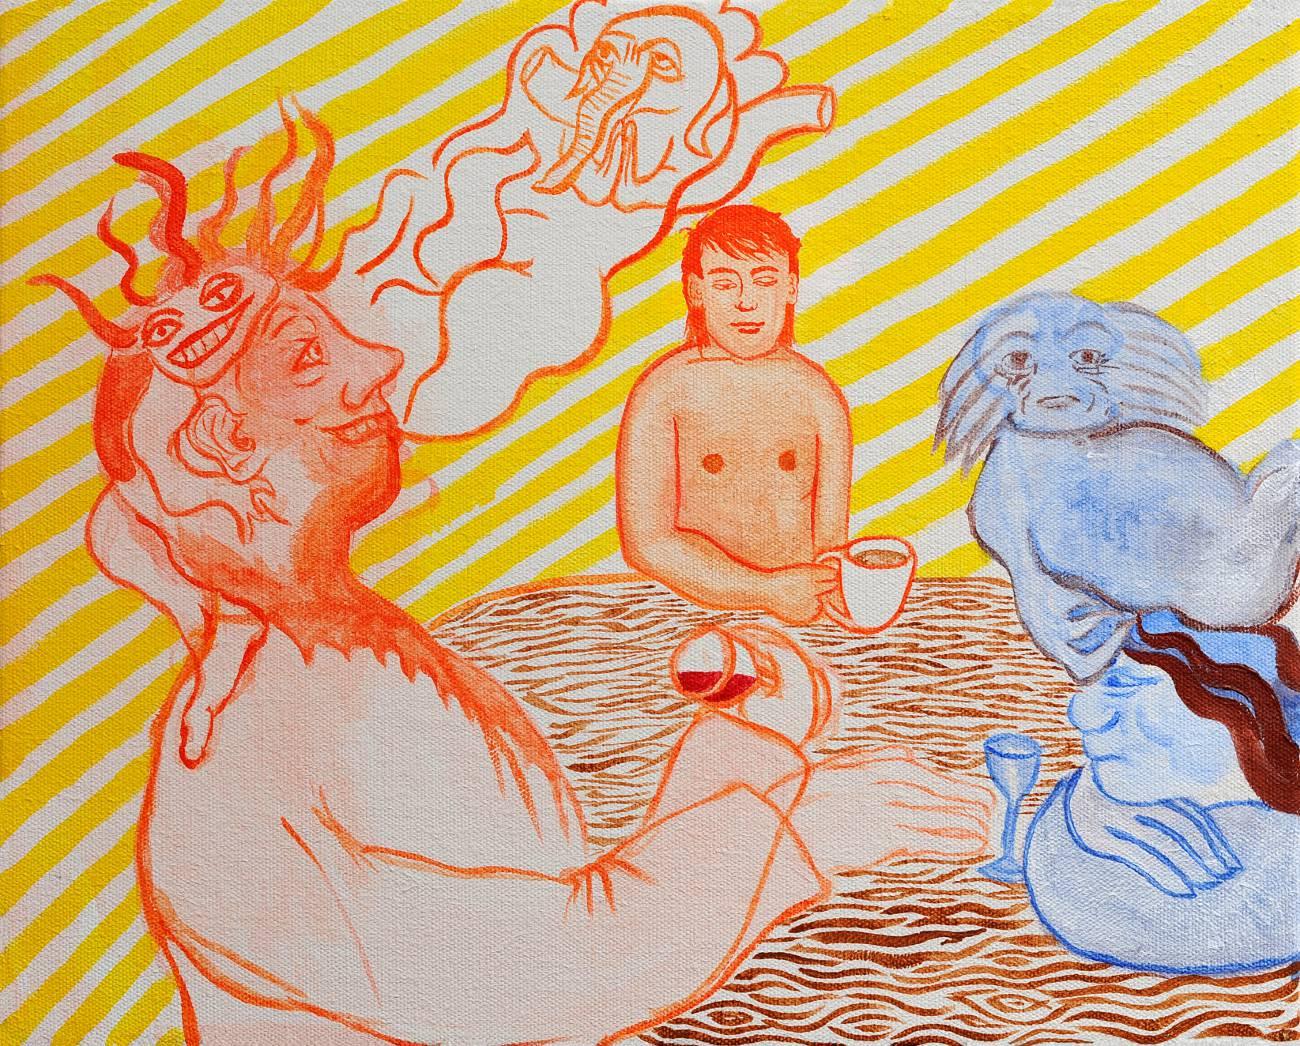 Jan Karpíšek: Tři muži, akryl na plátně, 40x50 cm, 2011